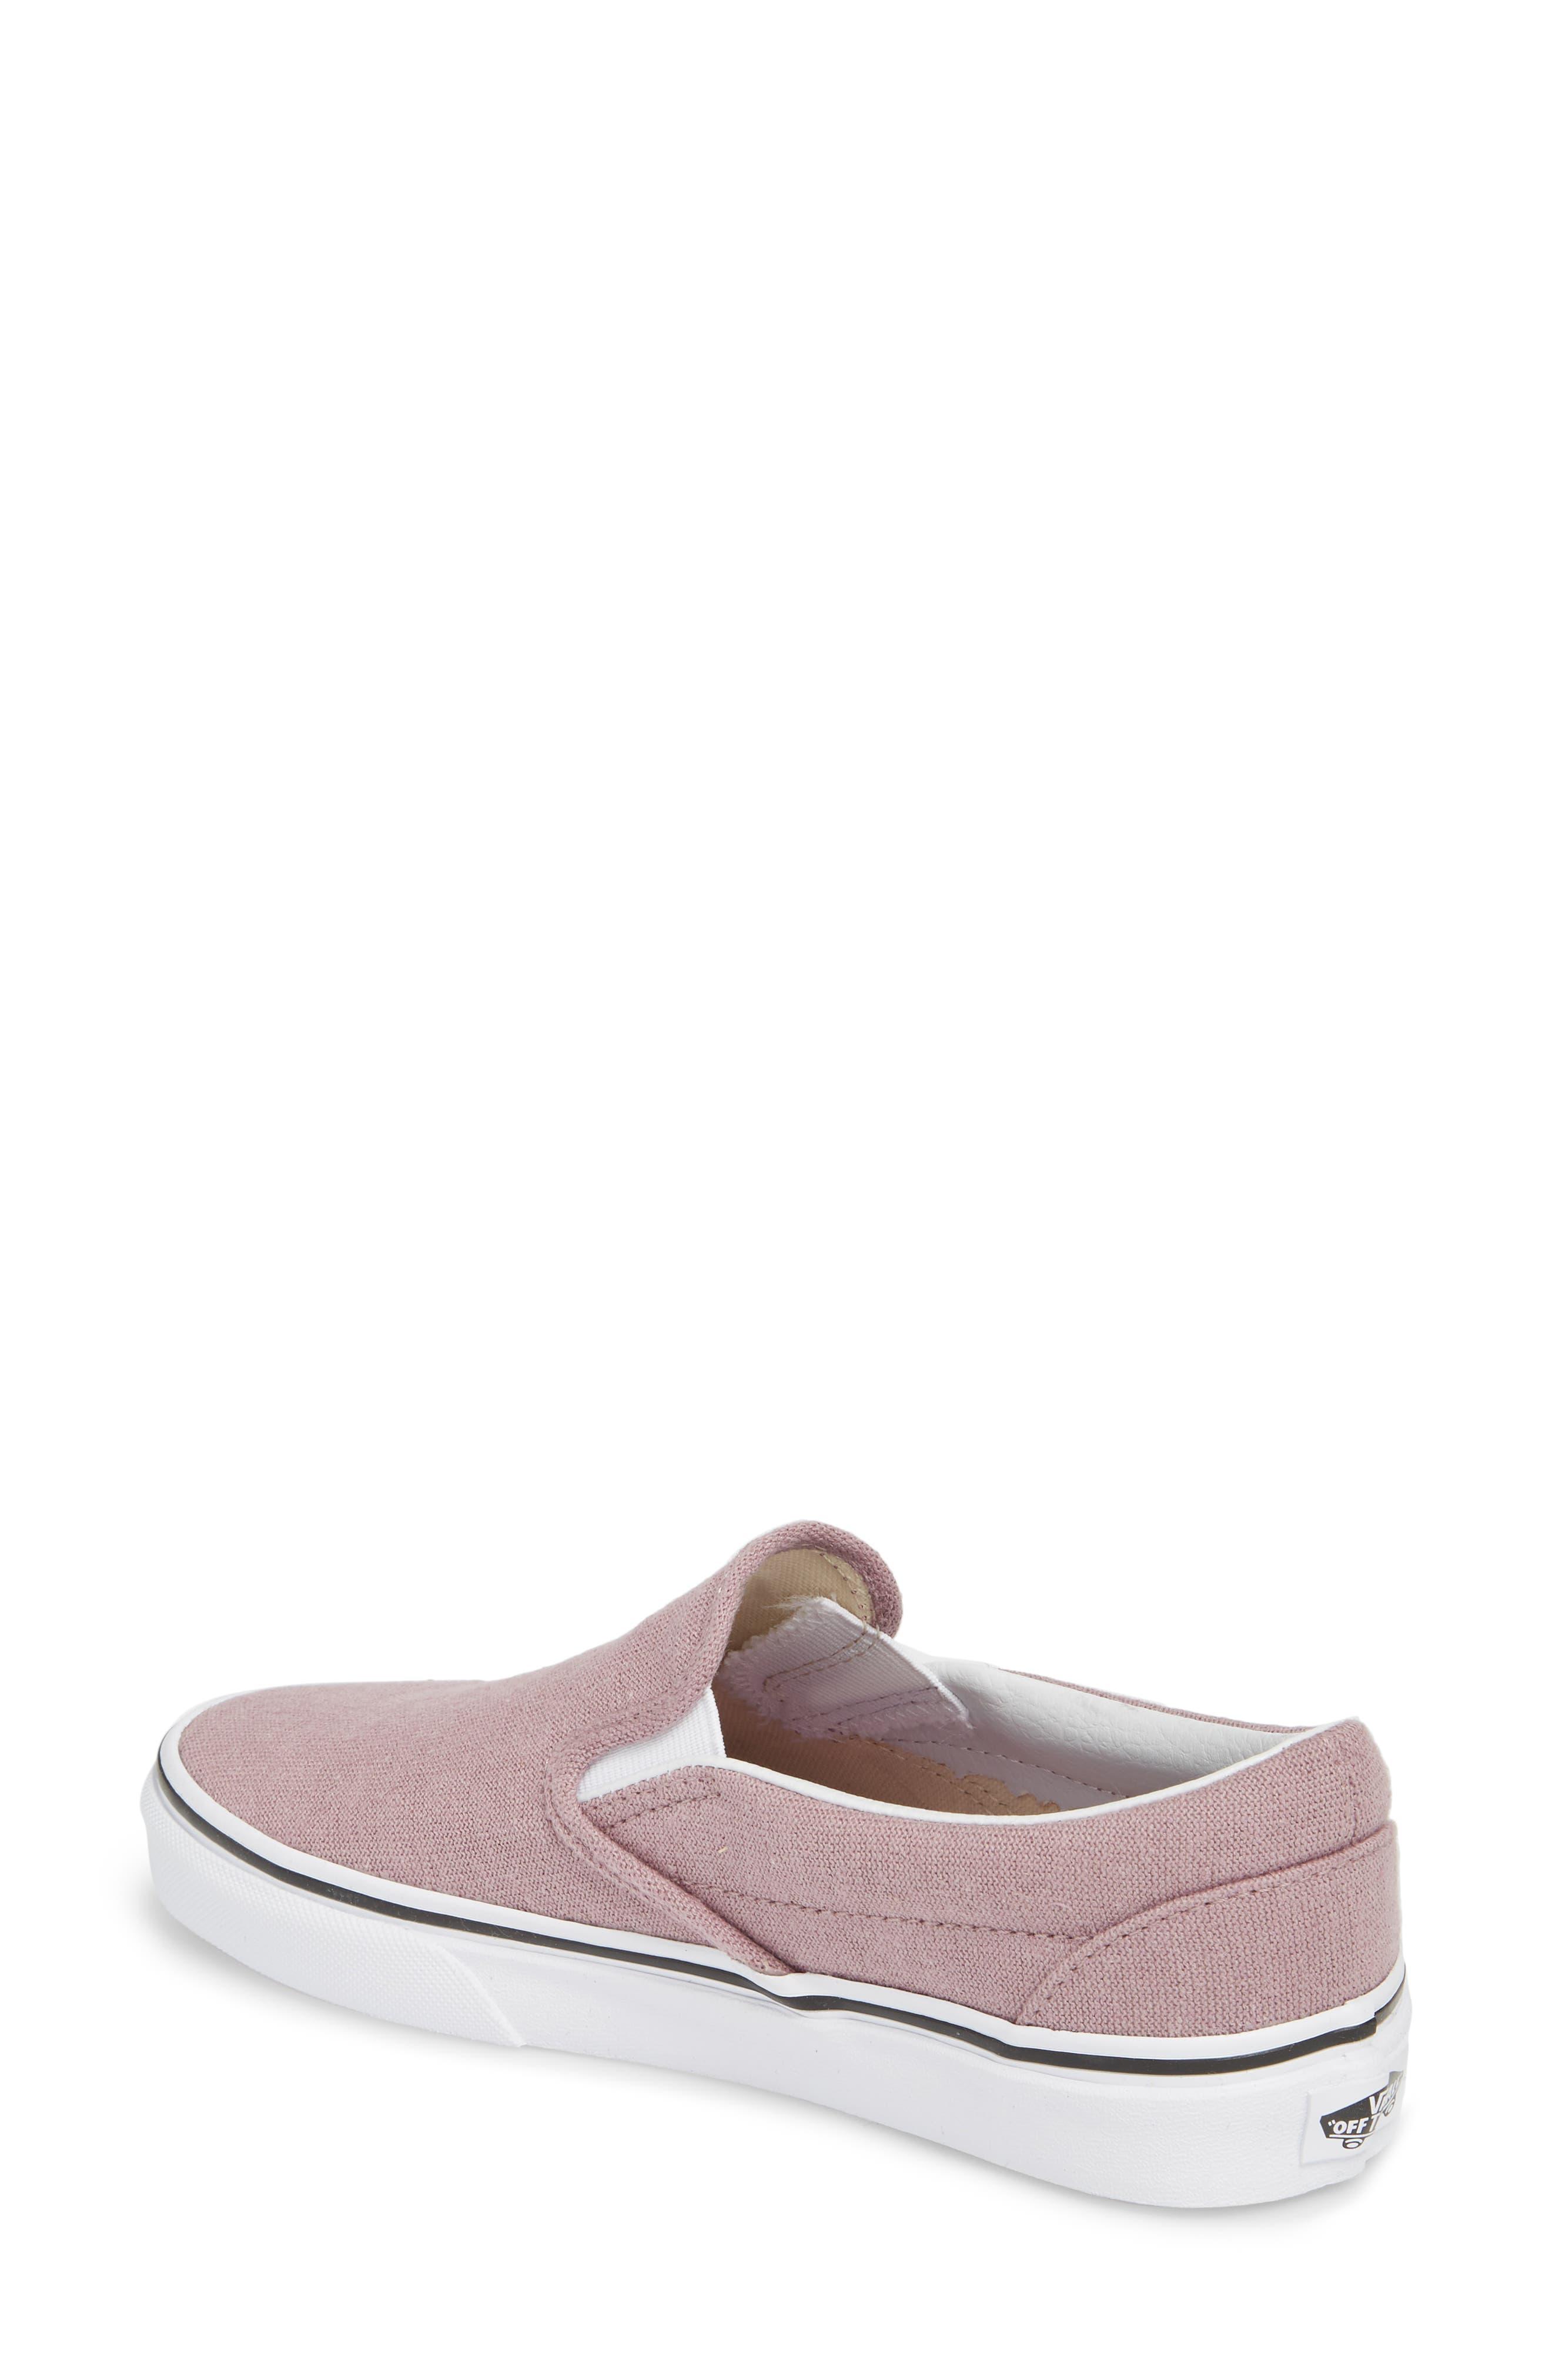 ,                             Classic Slip-On Sneaker,                             Alternate thumbnail 172, color,                             530